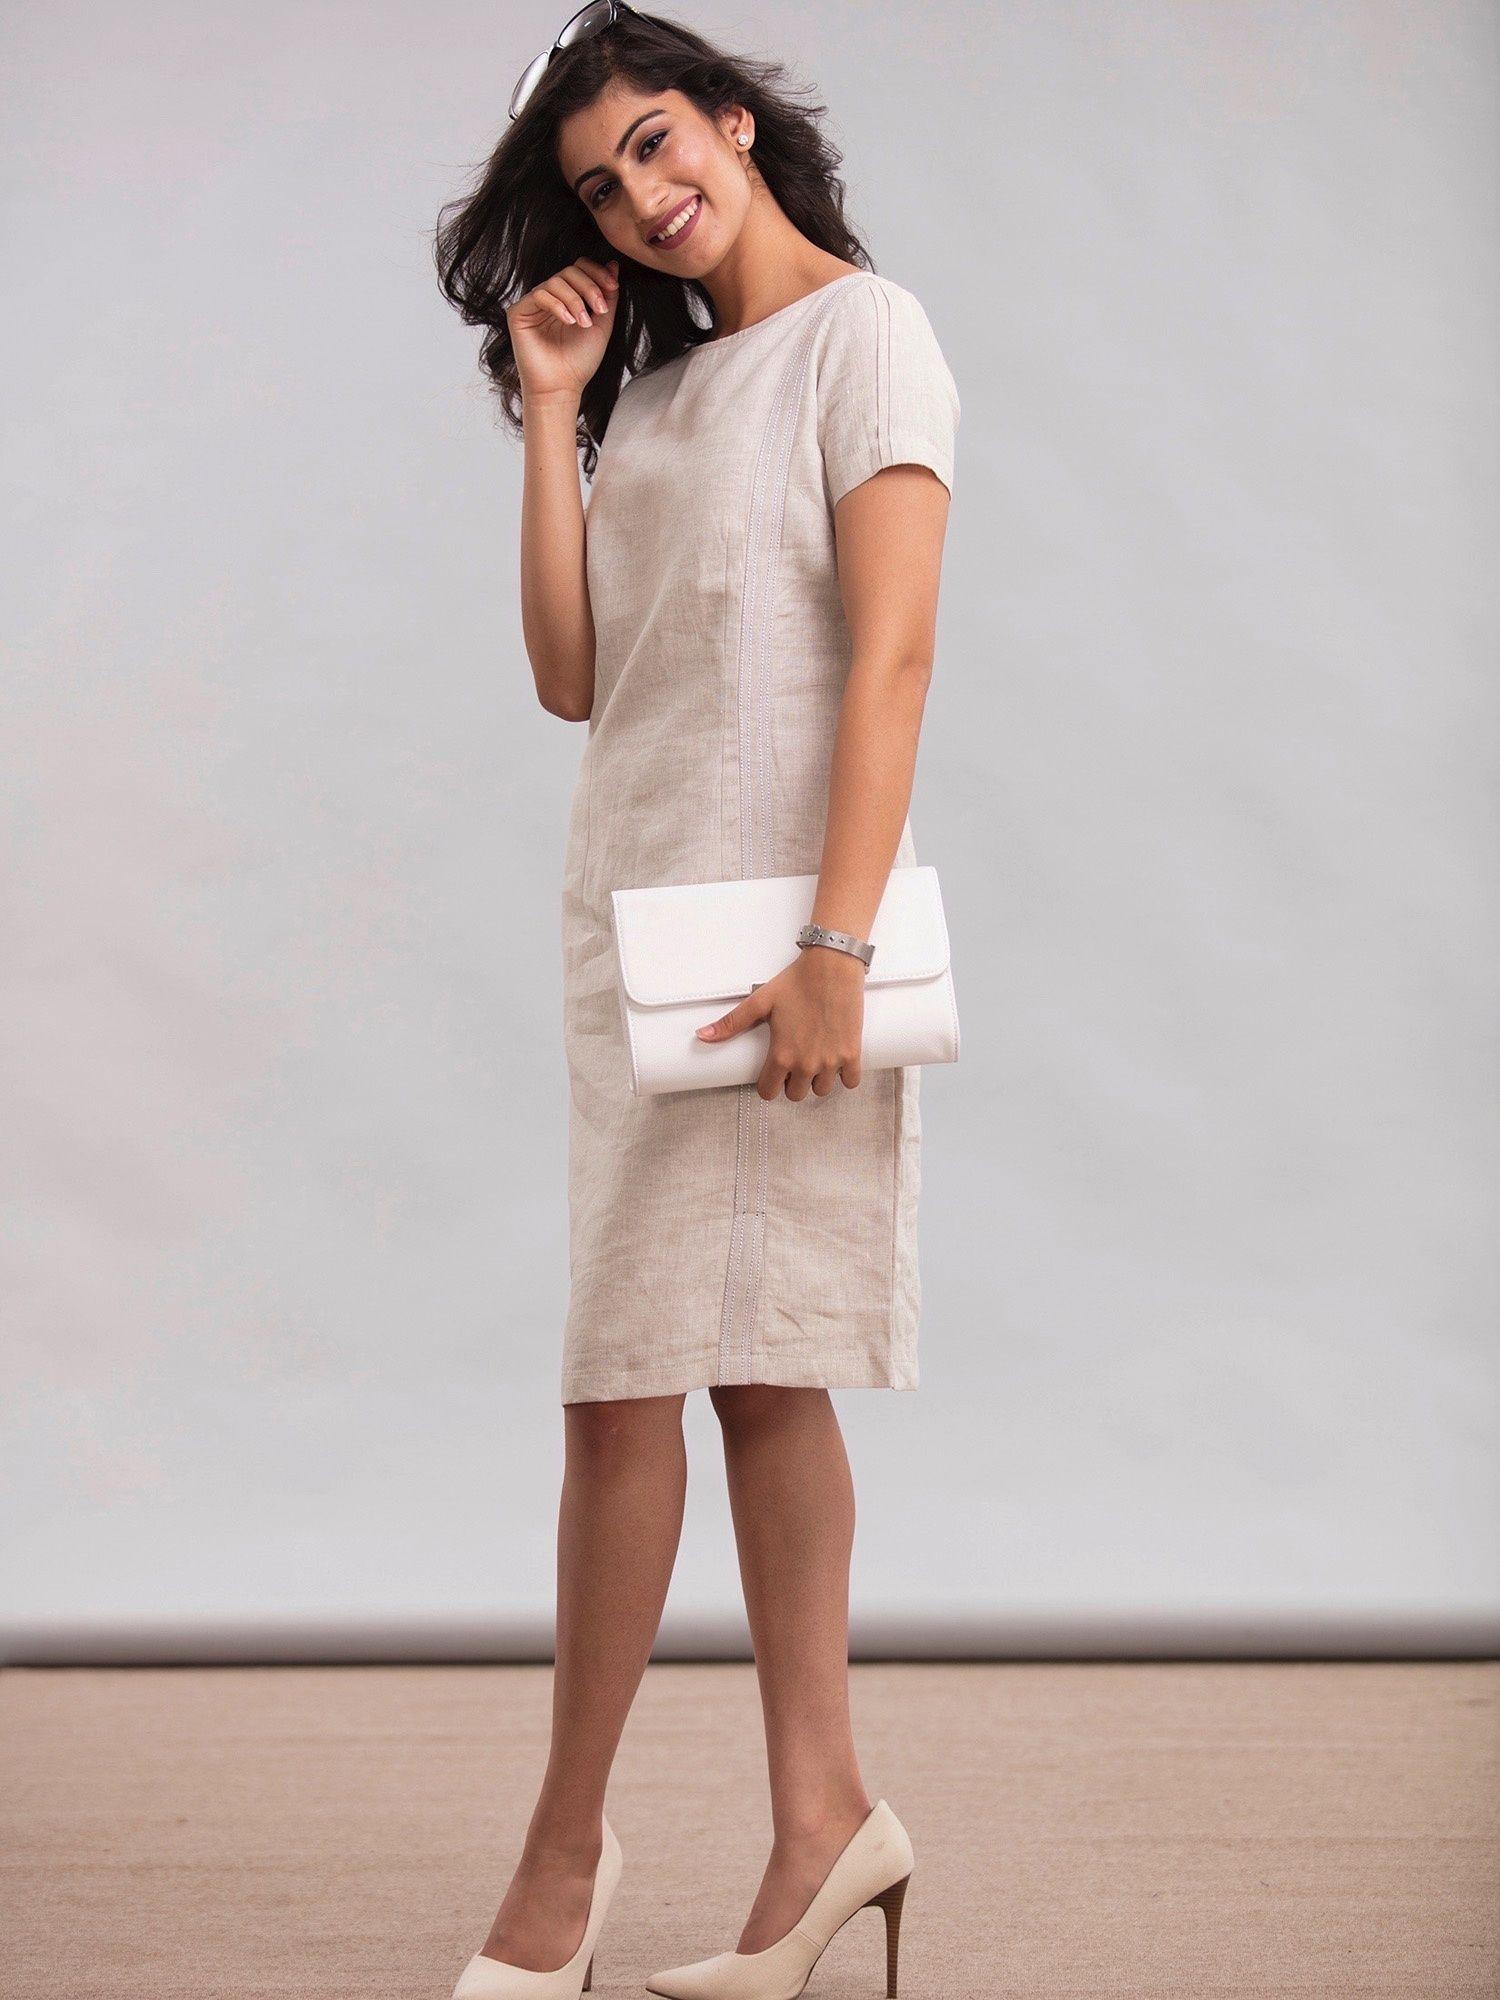 66ea1d43f5 FableStreet Dresses   Buy FableStreet Linen Shift Dress - Beige ...